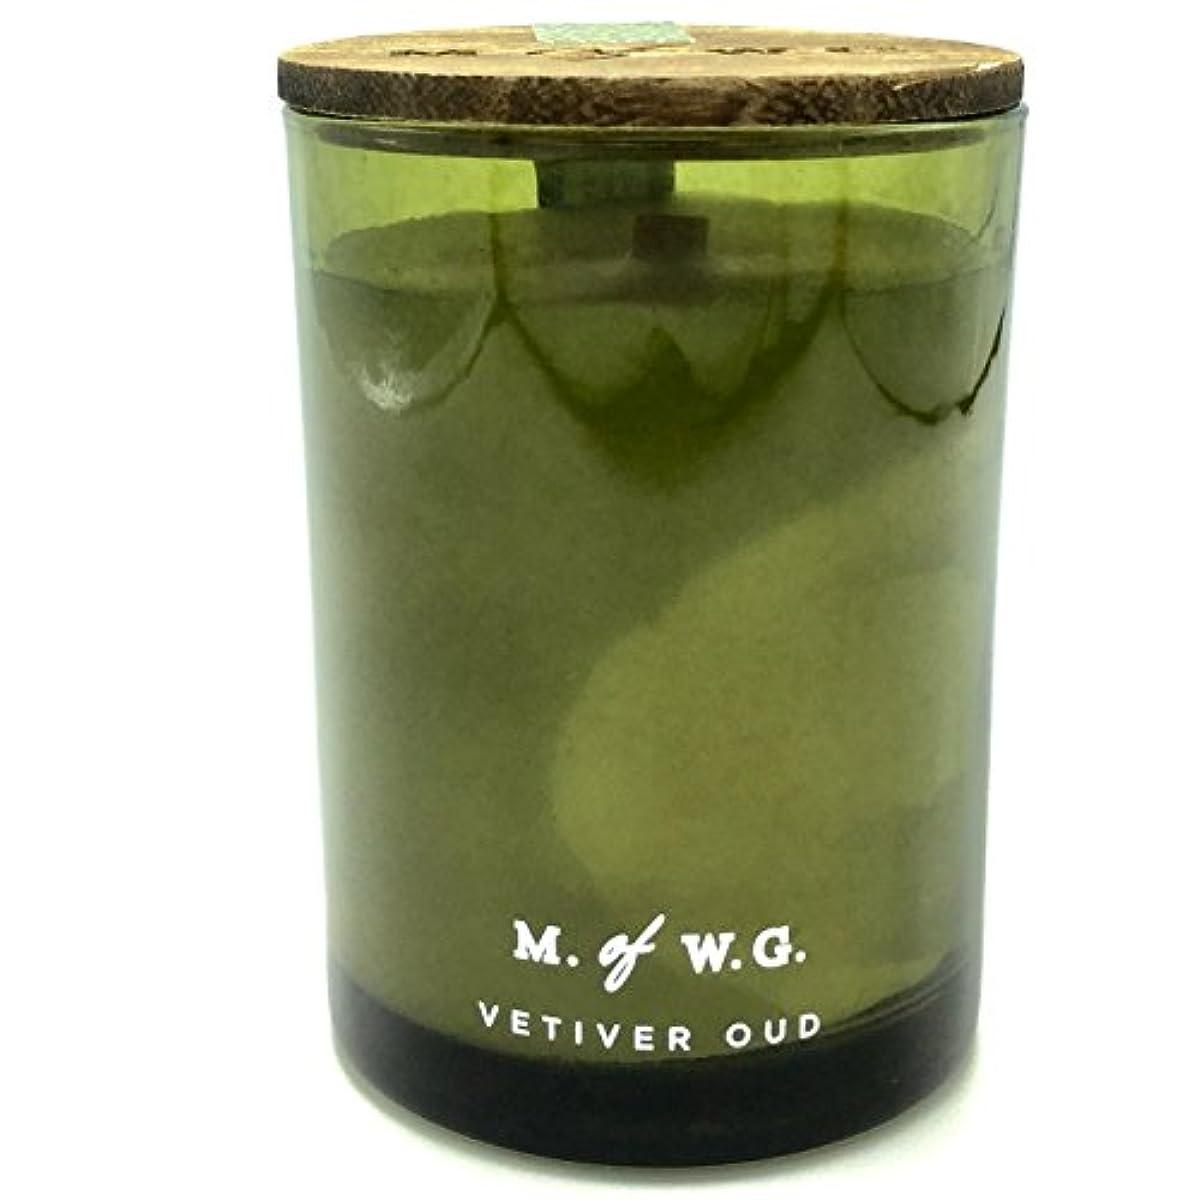 ヒューム霧深い引っ張るMakersワックスのGoods Vetiver Oud Wood Wick Scented Candle